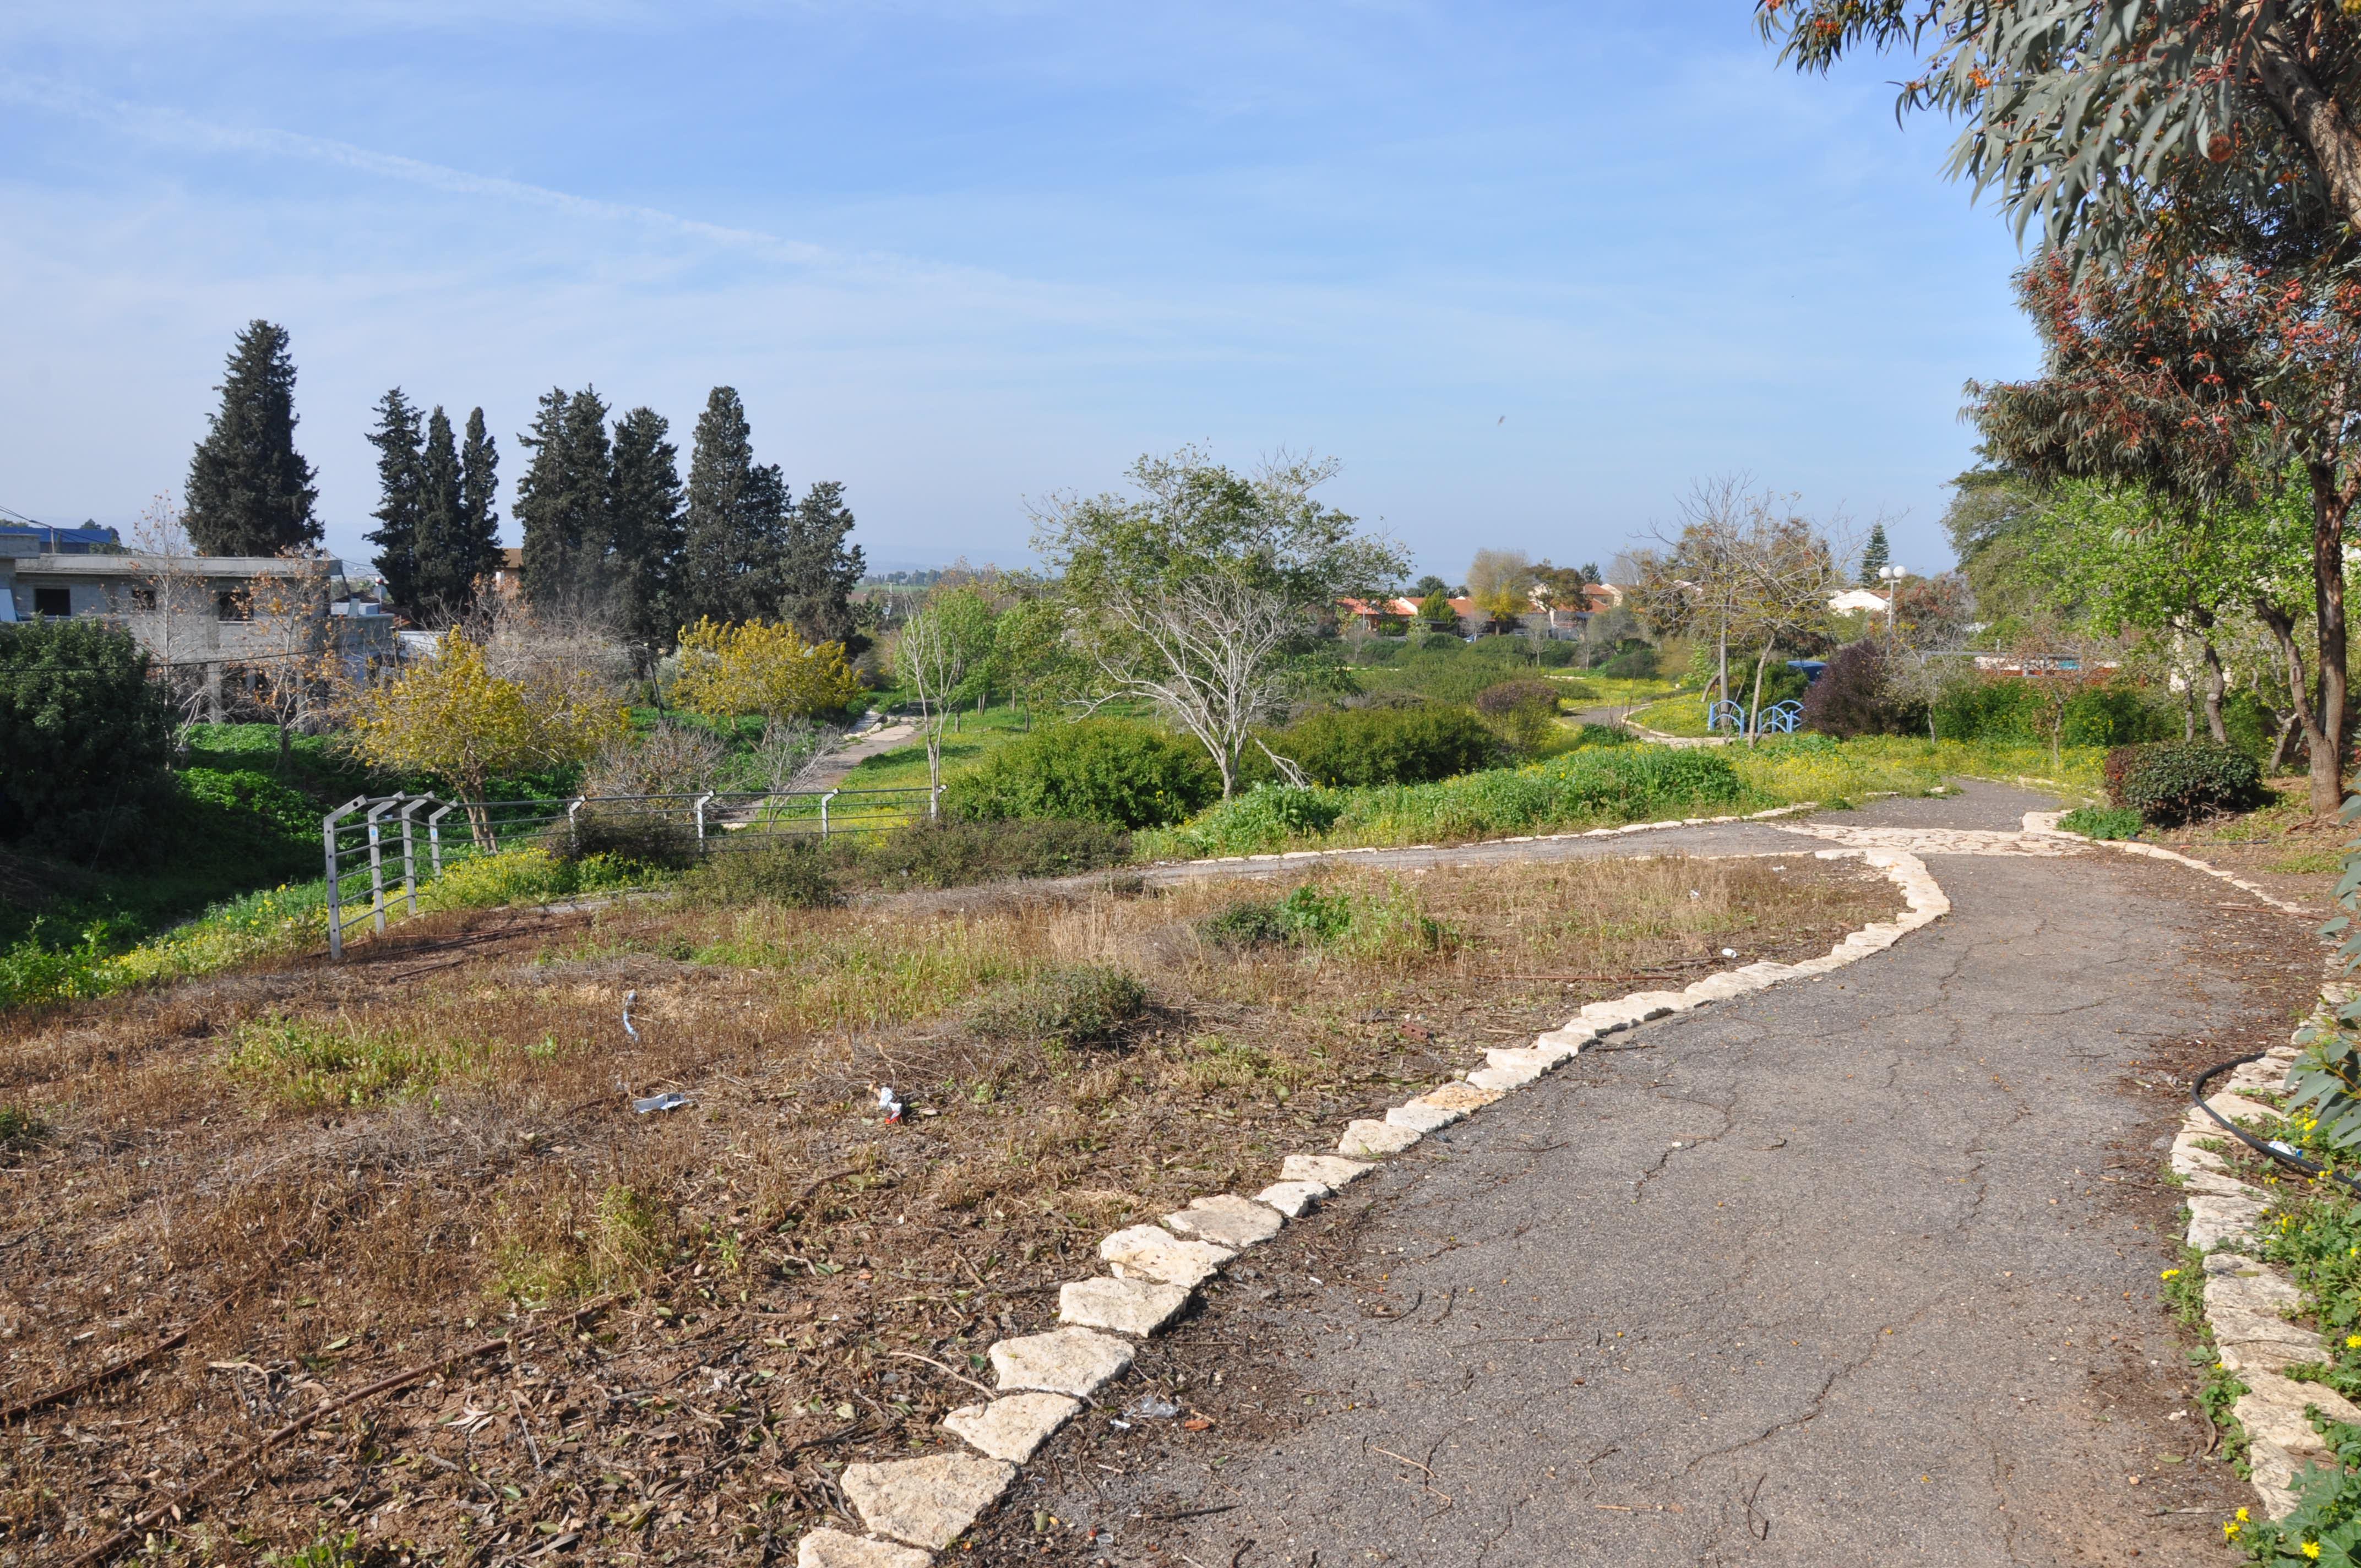 הממשק בין הטבע לעיר כהזדמנות לפיתוח נופי. פארק נחל המורה, עפולה (צילום: המעבדה לעיצוב עירוני)